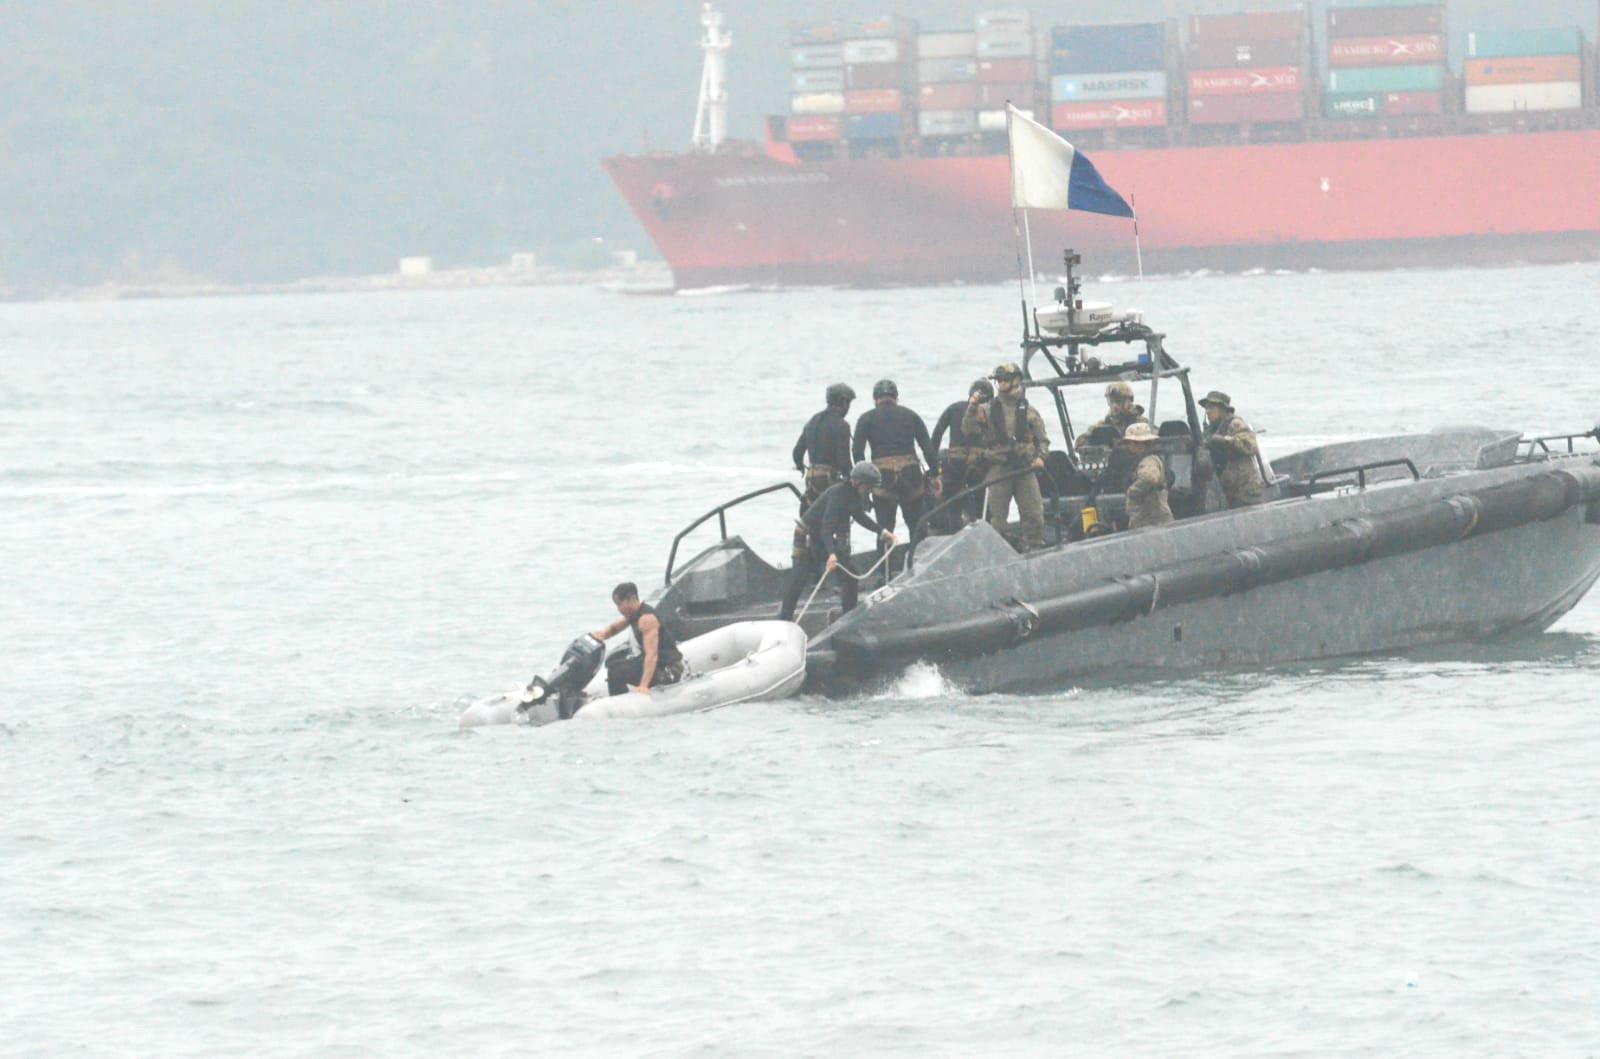 飛虎隊「水鬼隊」乘坐小艇到發現屍體海面。